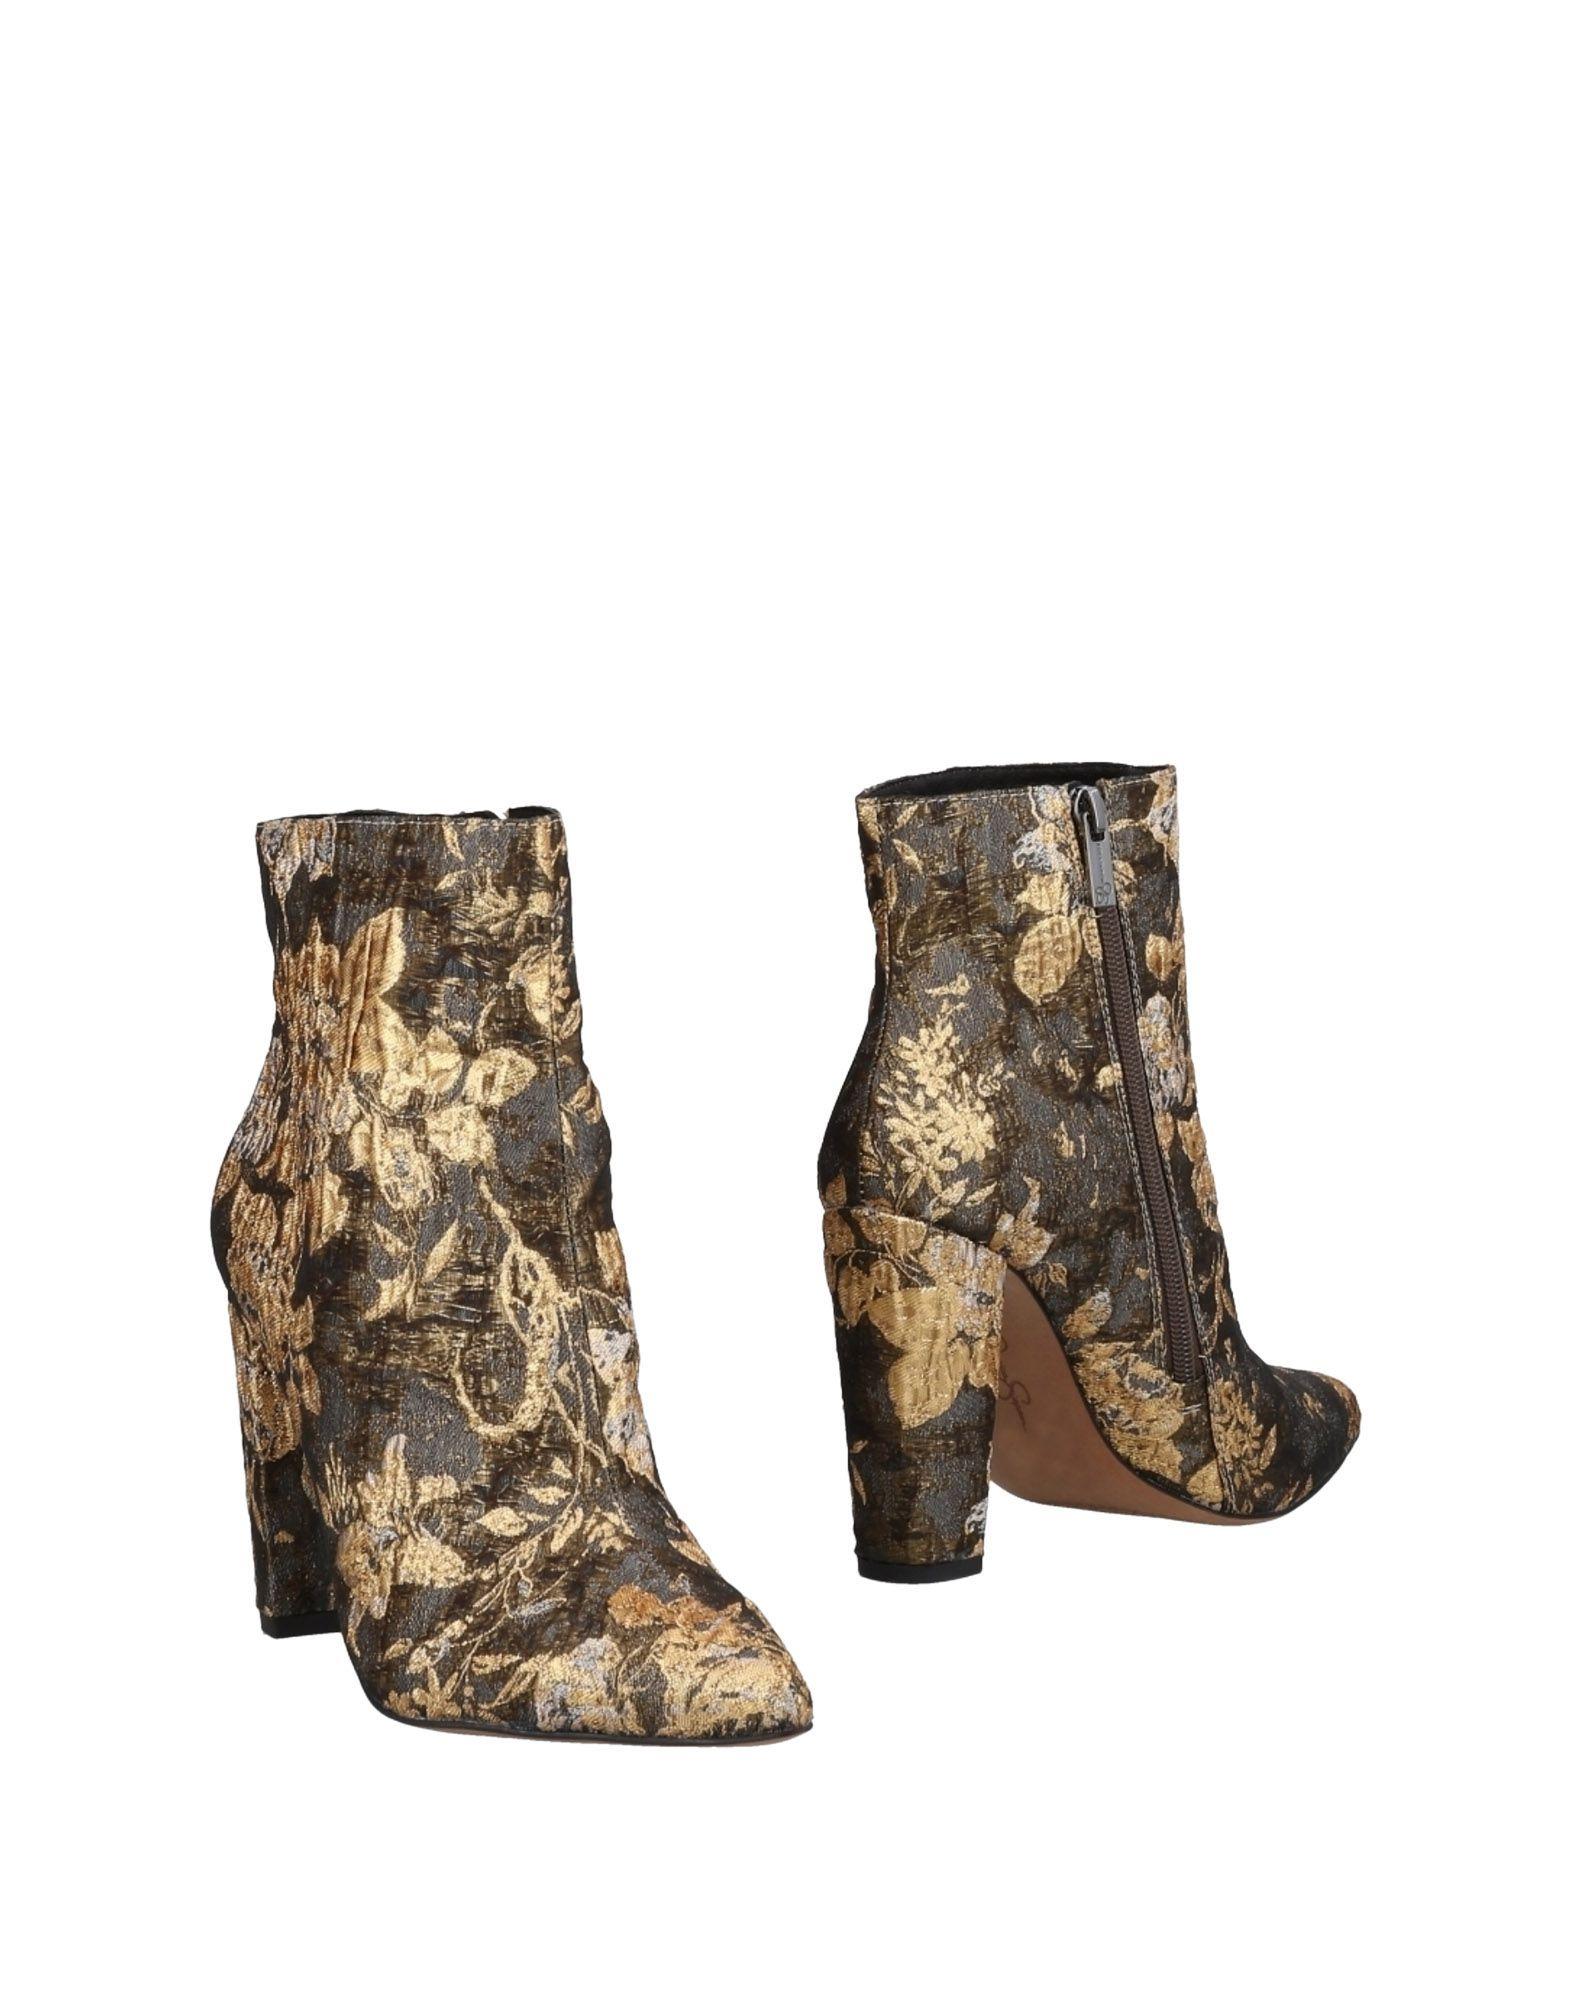 Jessica Simpson Stiefelette Damen  11488823KA Gute Qualität beliebte Schuhe